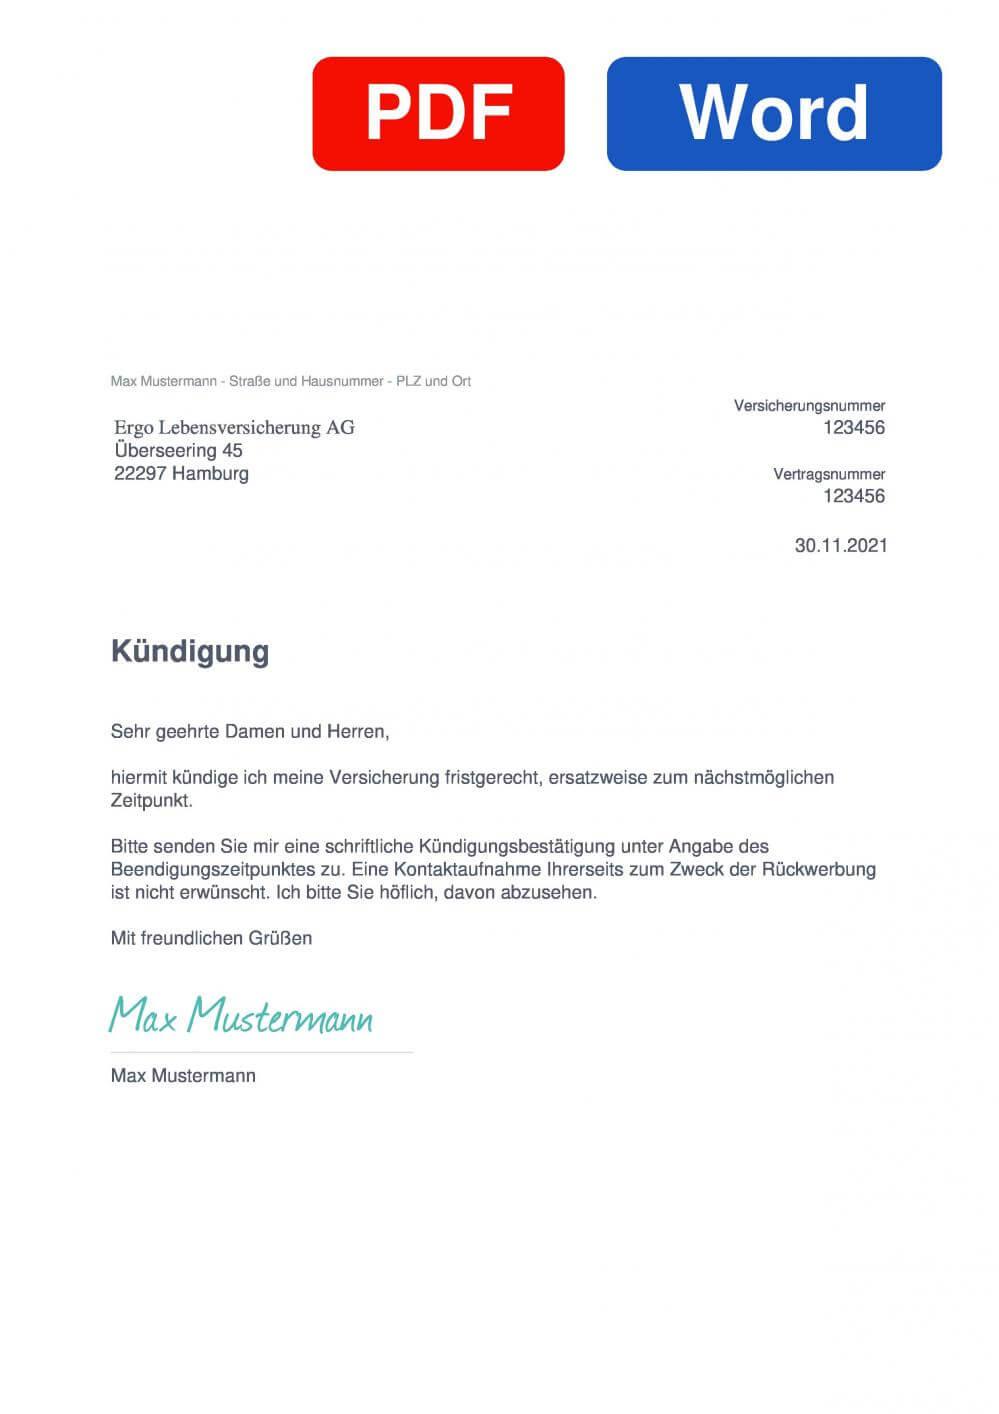 Hamburg Mannheimer Versicherung Muster Vorlage für Kündigungsschreiben